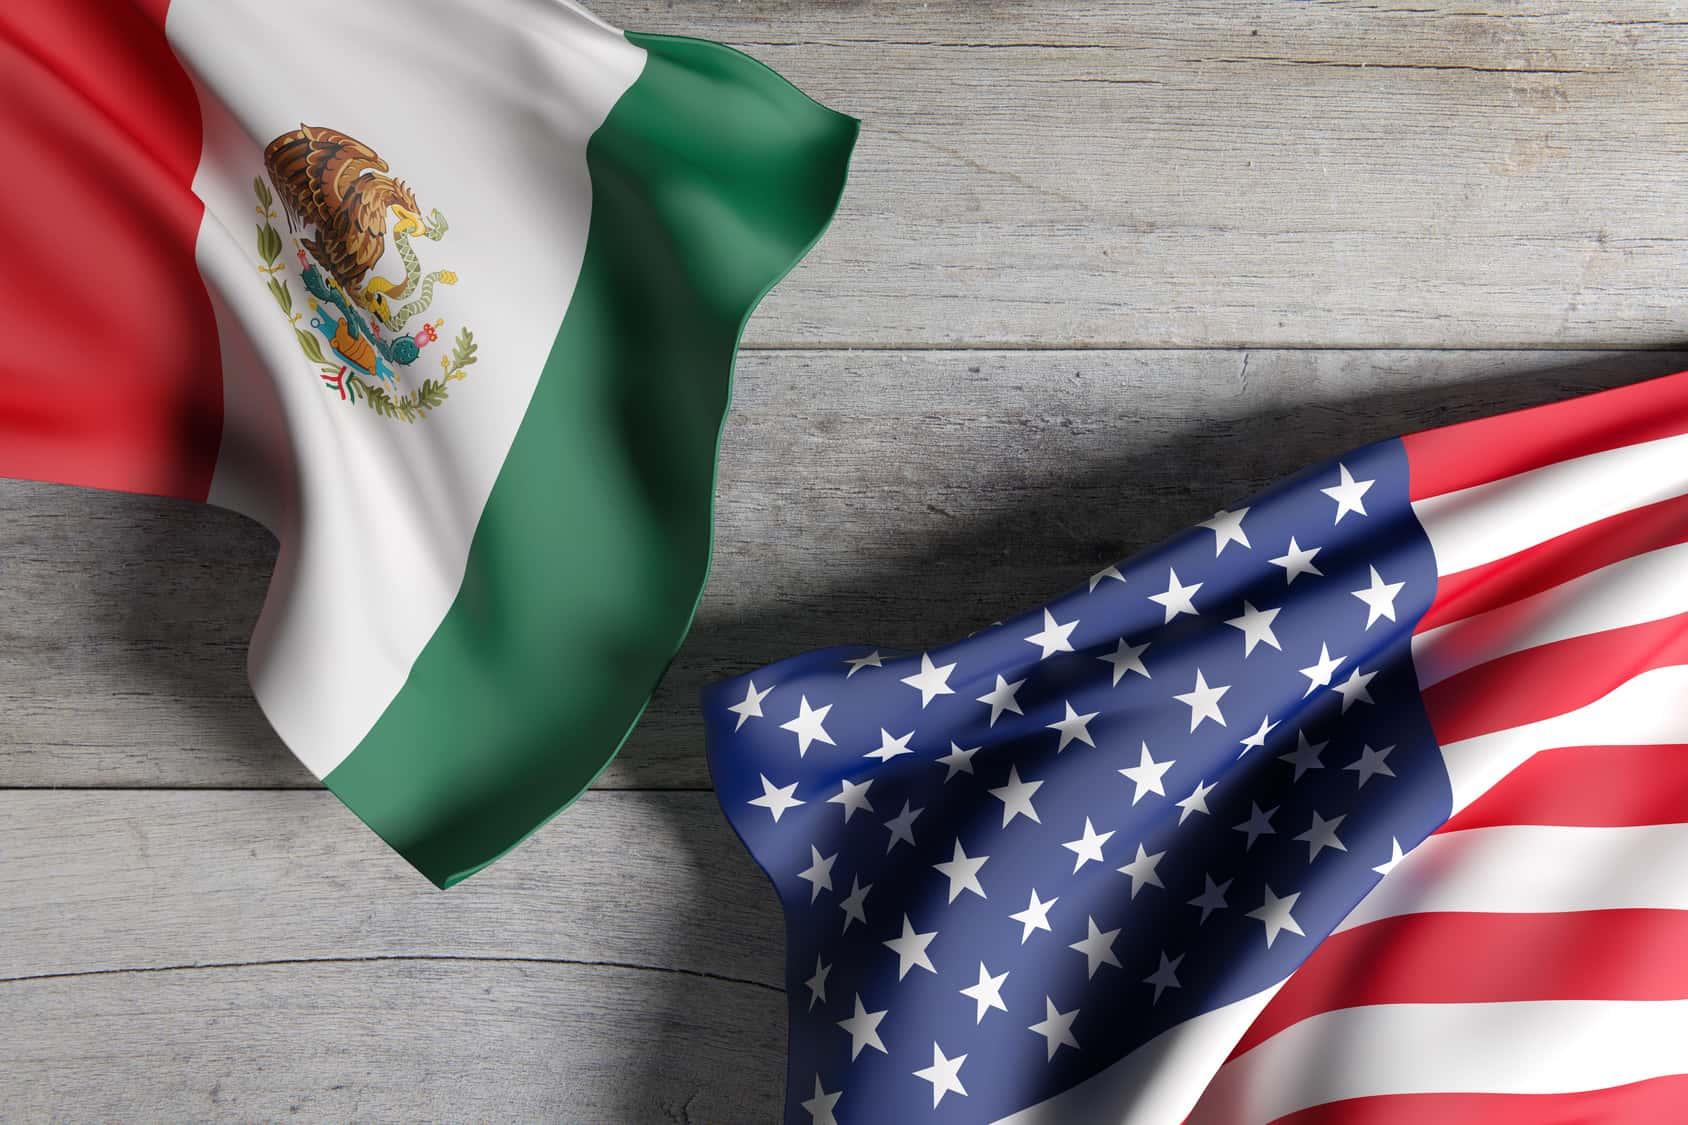 La actualización del TLCAN en el capítulo de telecomunicaciones da confianza a los mercados y genera certeza para la inversión en México, coinciden funcionarios y expertos del sector.